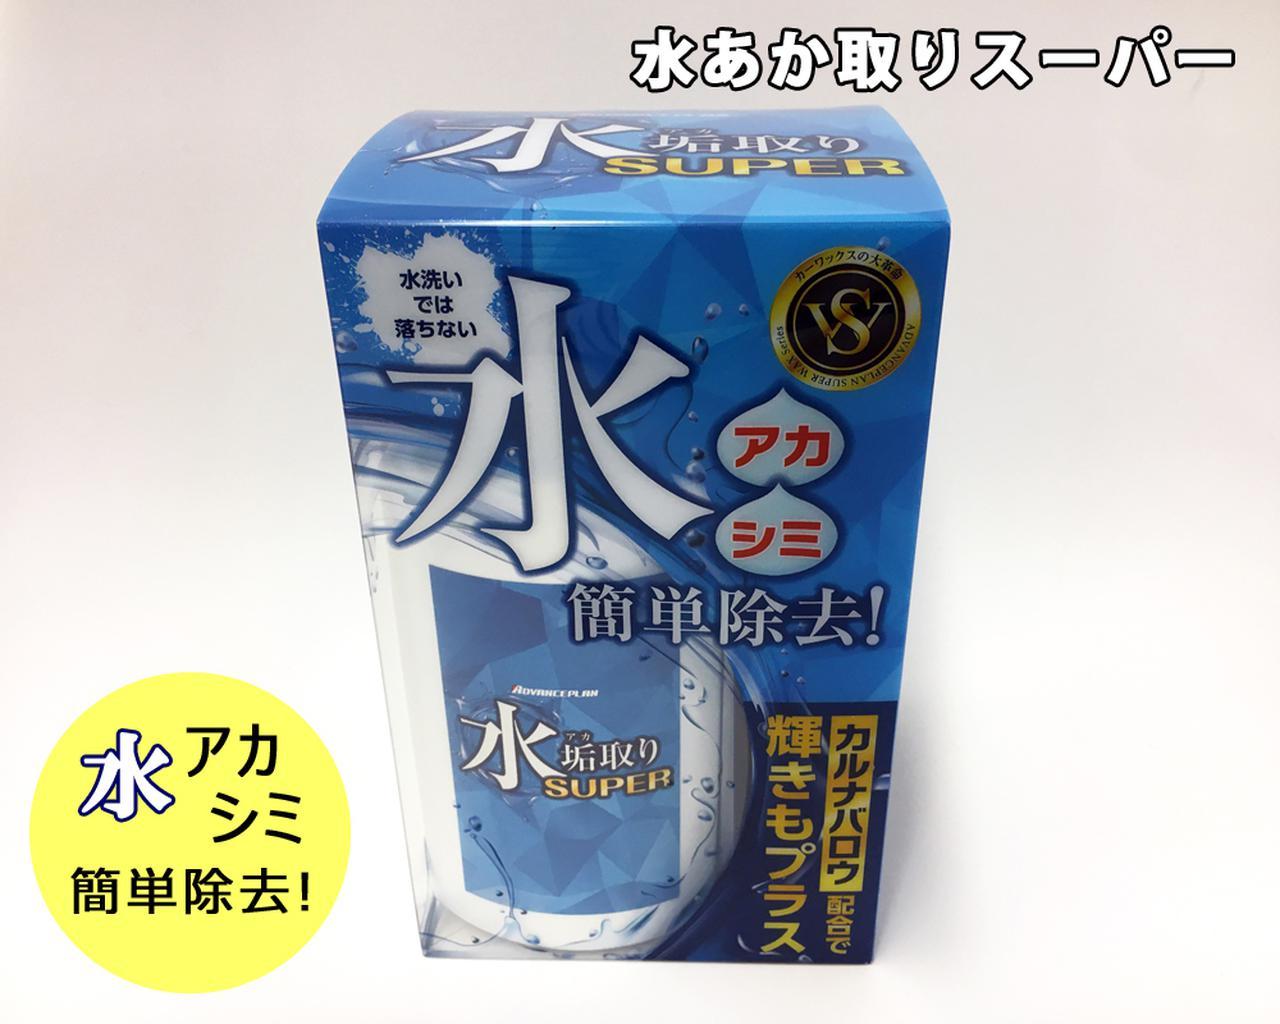 画像: 水垢取りスーパー item.rakuten.co.jp